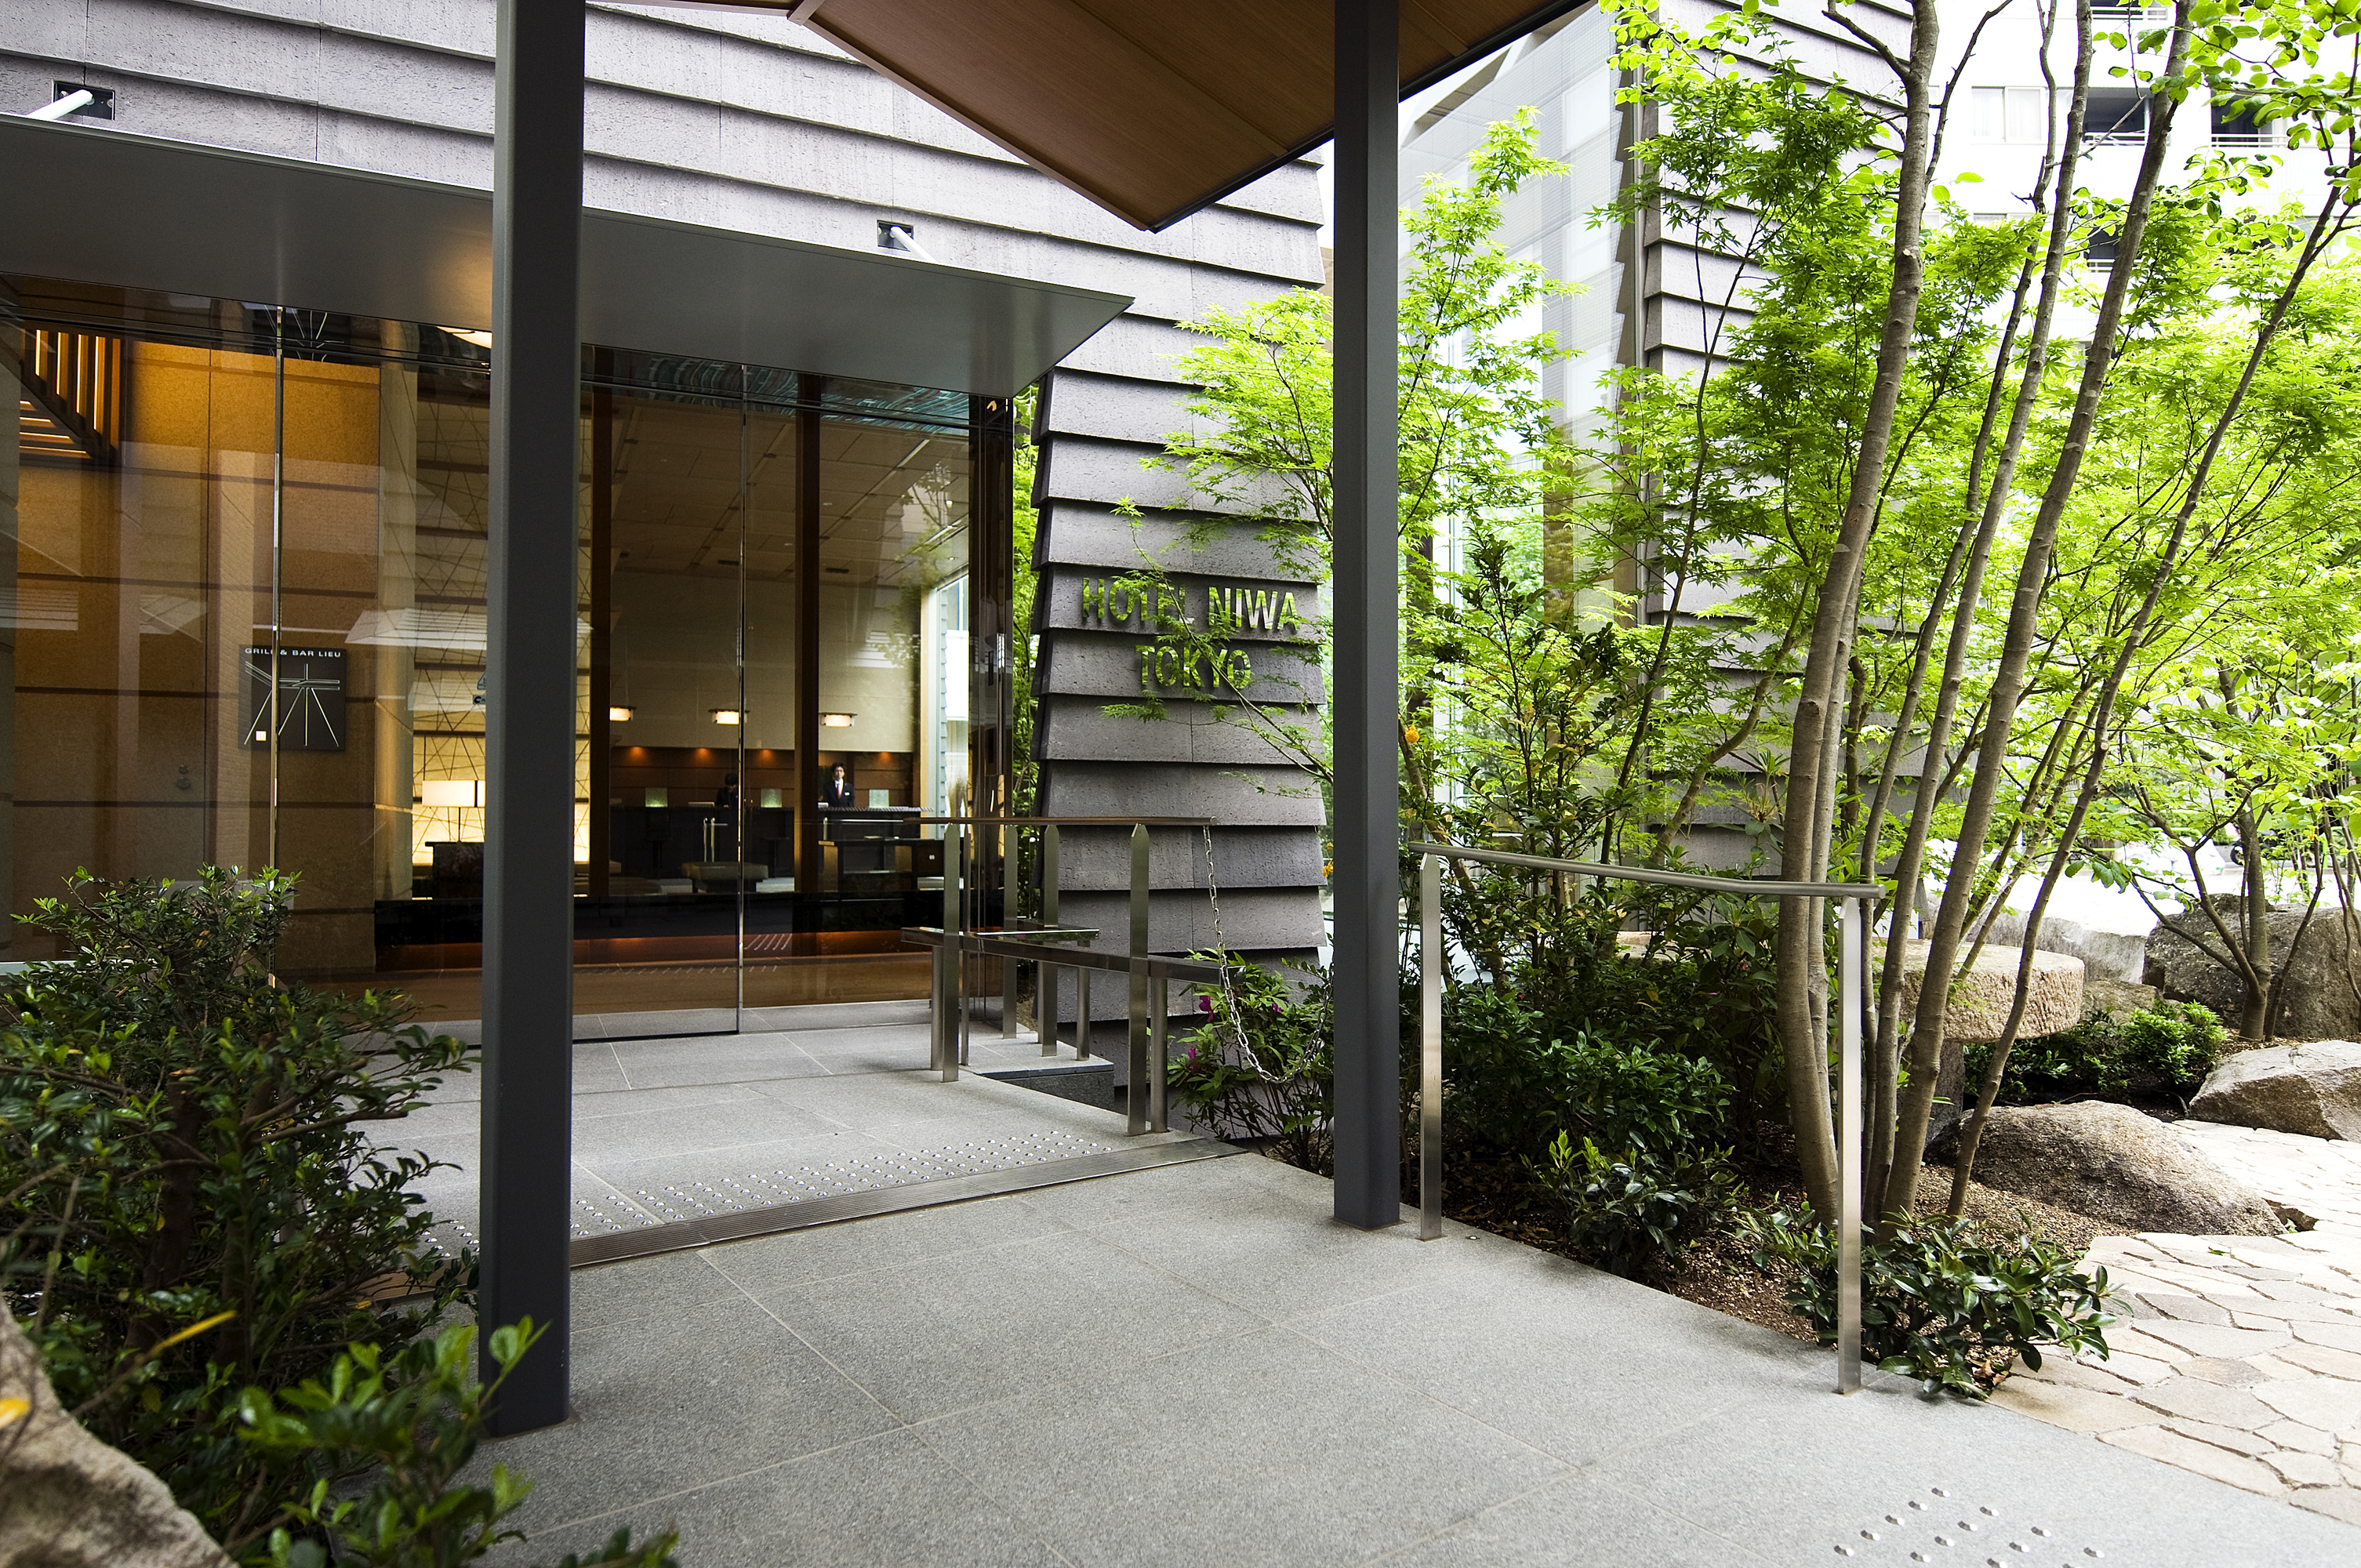 HOTEL NIWA TOKYO